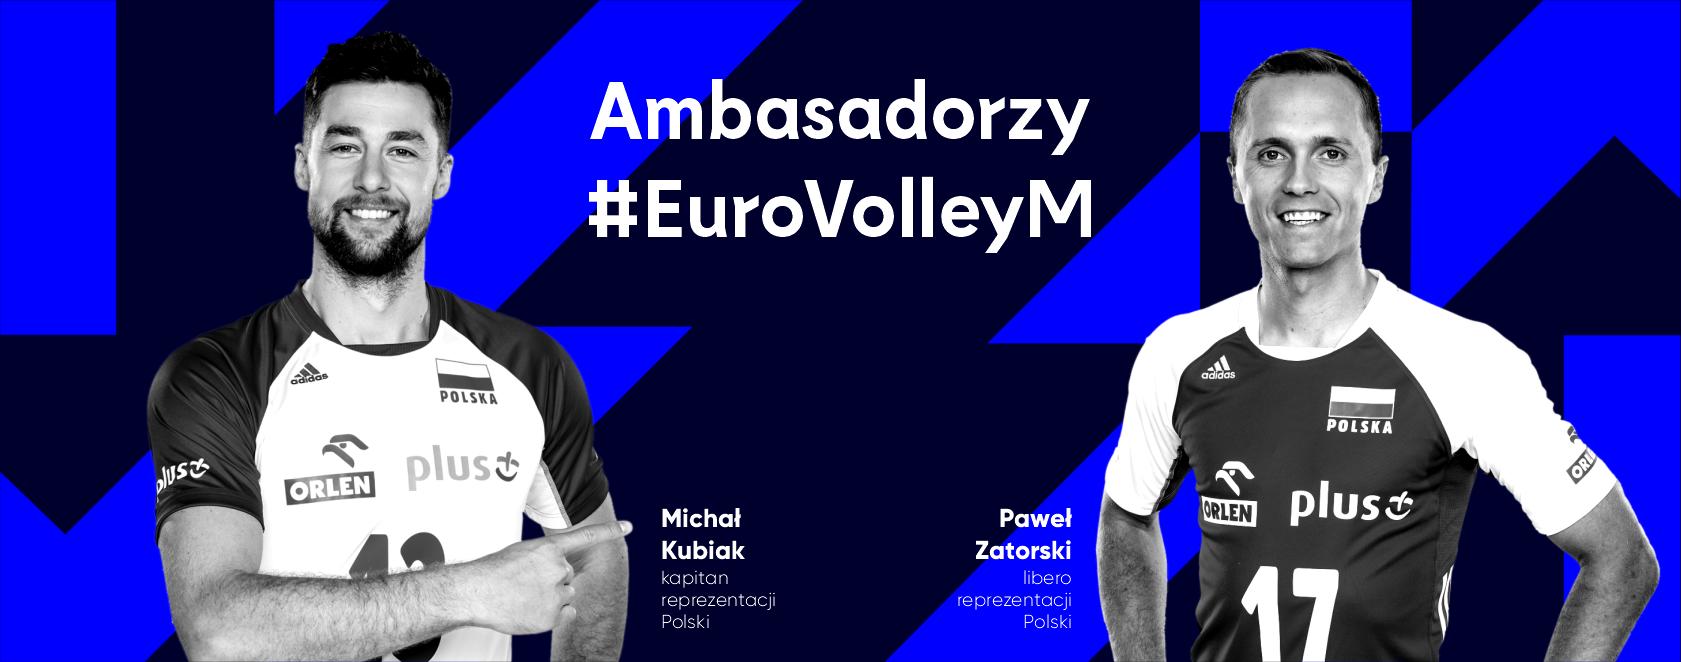 Michał Kubiak i Paweł Zatorski ambasadorami EuroVolley2021